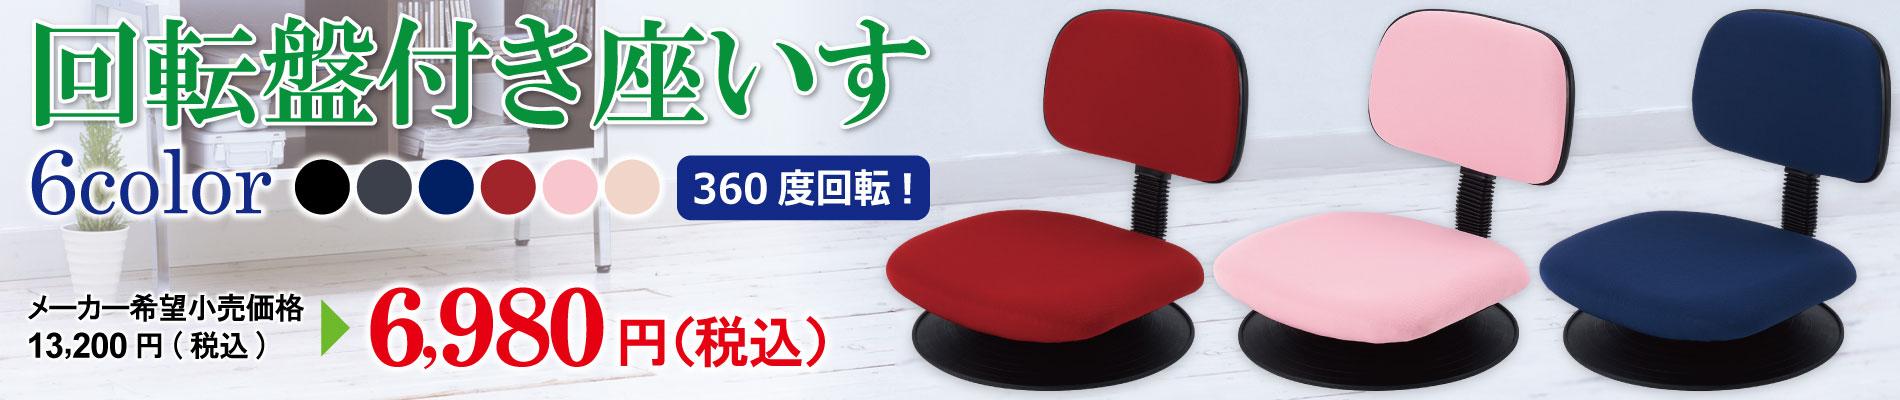 回転盤付き座いす RZF-103_DLC-01